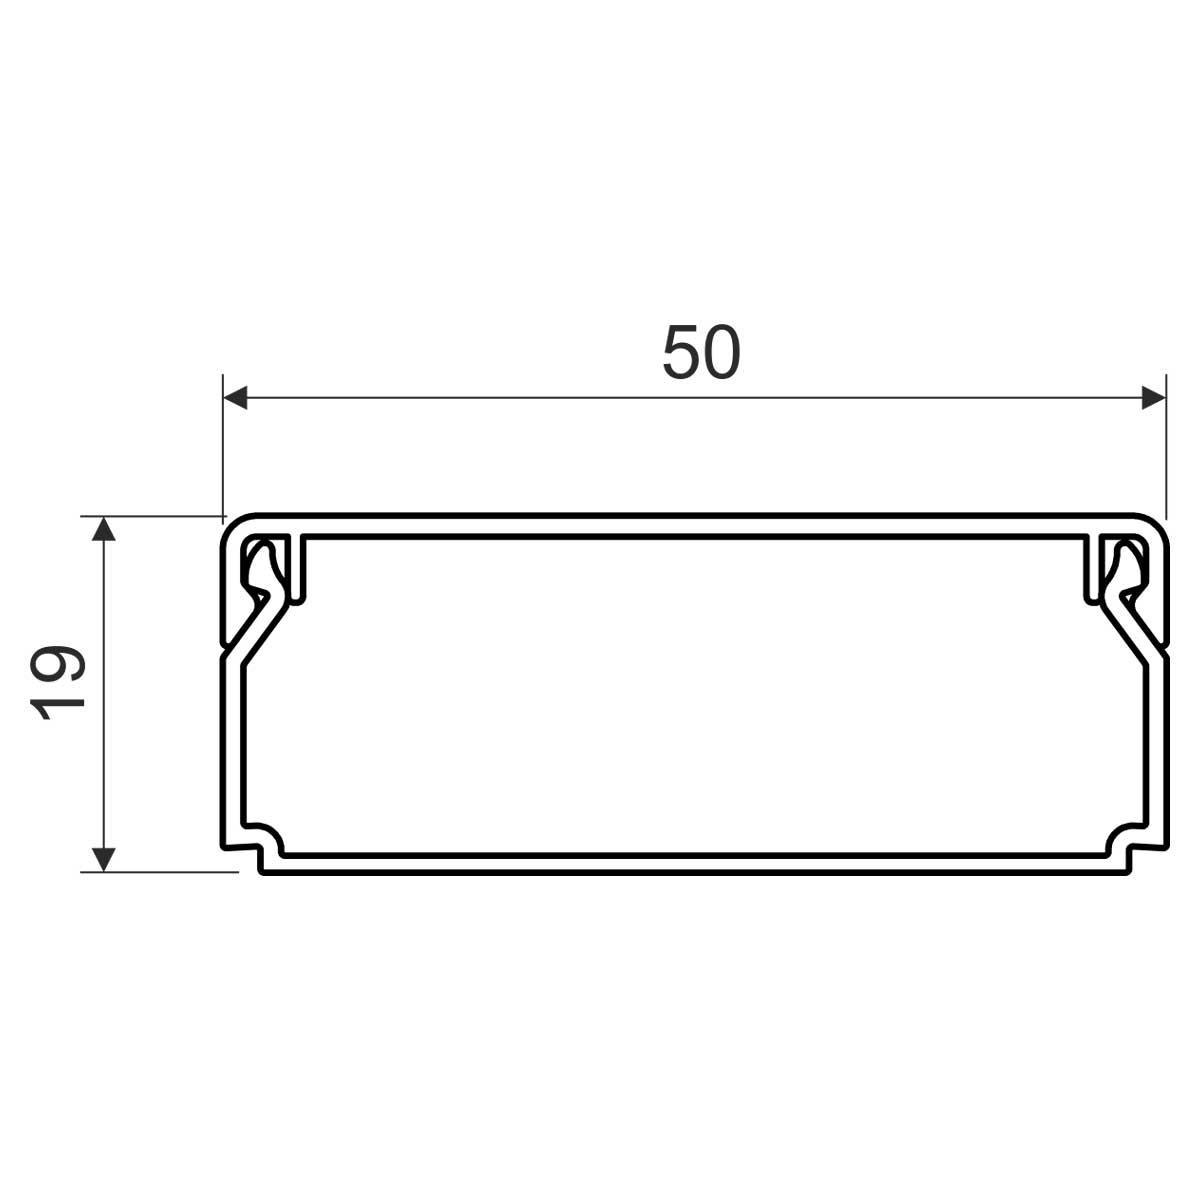 Кабельний канал з ПВХ білого кольору 50х20мм; Серія LHD; ПВХ